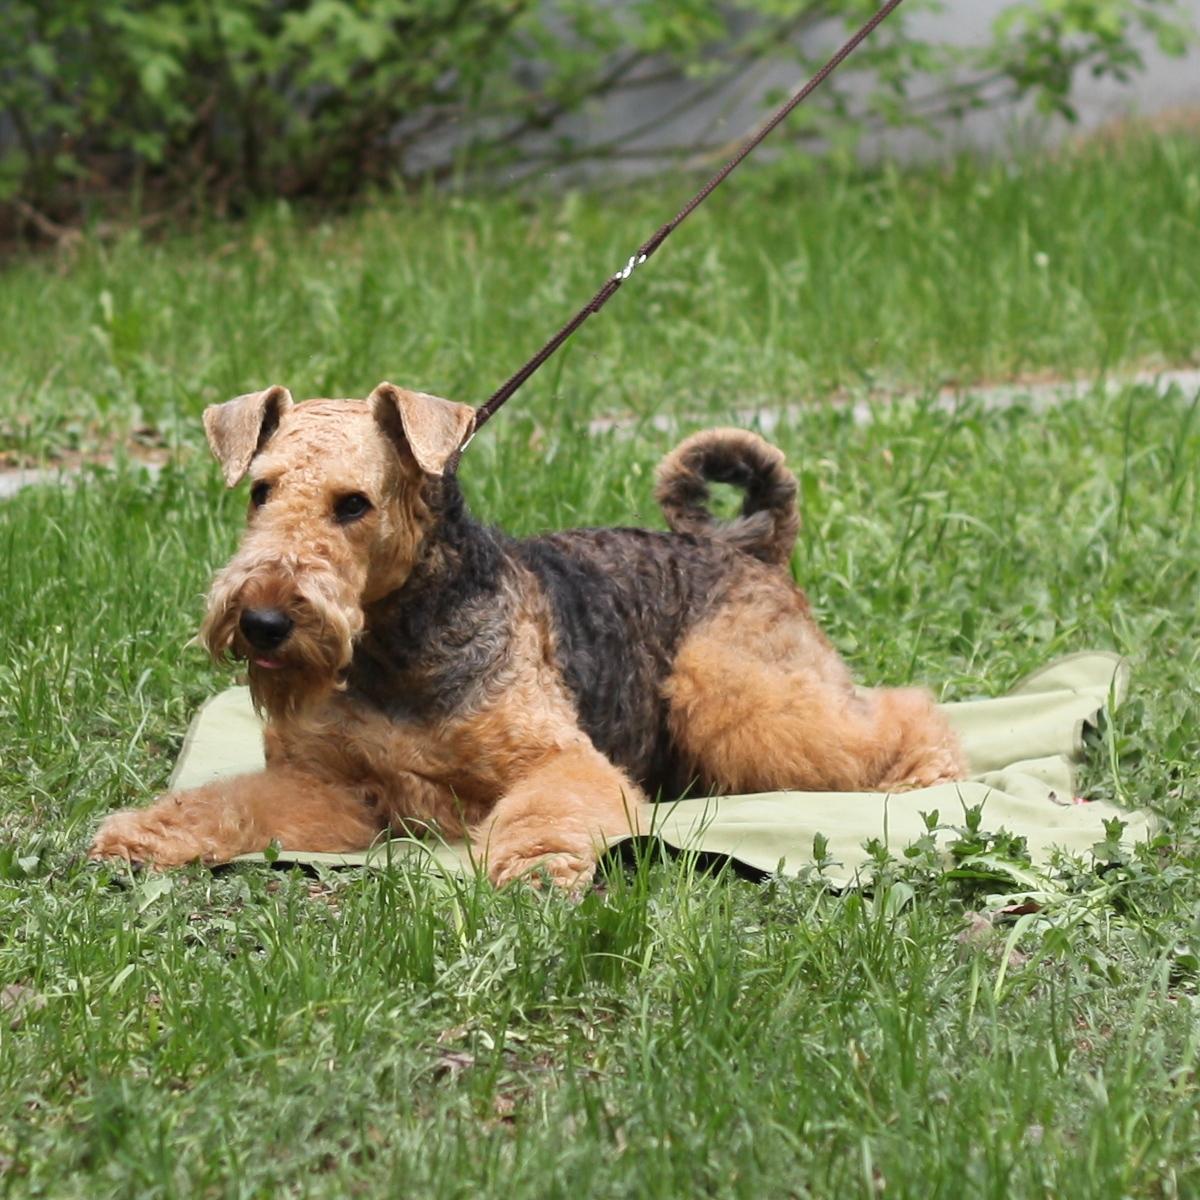 Коврик для собак Osso Fashion, охлаждающий, цвет: оливковый, 75 х 100 смО-1017Охлаждающий коврик Osso Fashion из ткани ССТ (COOL COMFORT TECHNOLOGY) помогает собакам легче переносить жару, делает более комфортным их пребывание в душной квартире, в транспорте и на выставках. Охлаждающий коврик можно постелить на пол или на лежанку, где собаке будет комфортно проводить время жарким летним днем. Также его можно использовать как покрывало, которое защитит от жары и вас, и вашего питомца. Охлаждающее изделие Osso Fashion сшиты из инновационной ткани ССТ (COOL COMFORT TECHNOLOGY), которая создает персональную зону охлаждения и обеспечивает комфортную терморегуляцию на длительное время. Охлаждение ткани обеспечивается за счет уникальной структуры переплетения волокон, создающих капиллярные сети повышенной плотности. Серебросодержащее волокно X-Static, входящее в состав ткани, придает ей антистатические и антимикробные свойства. Длительное использование и многократные стирки не влияют на охлаждающие свойства ткани. В отличие от охлаждающих тканей предыдущего...